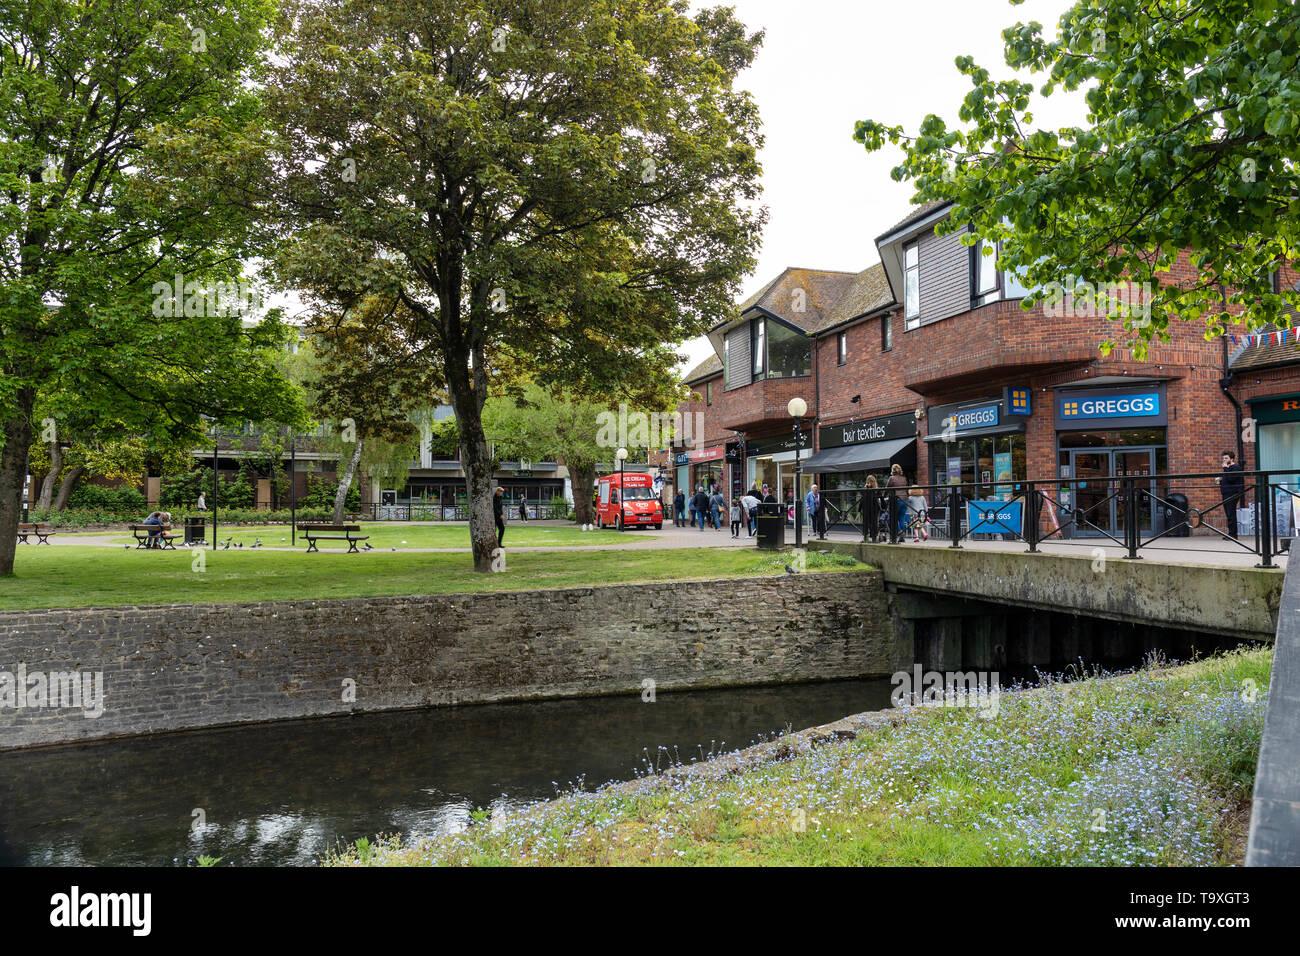 The Maltings shopping precinct, Salisbury, Wiltshire, UK - Stock Image